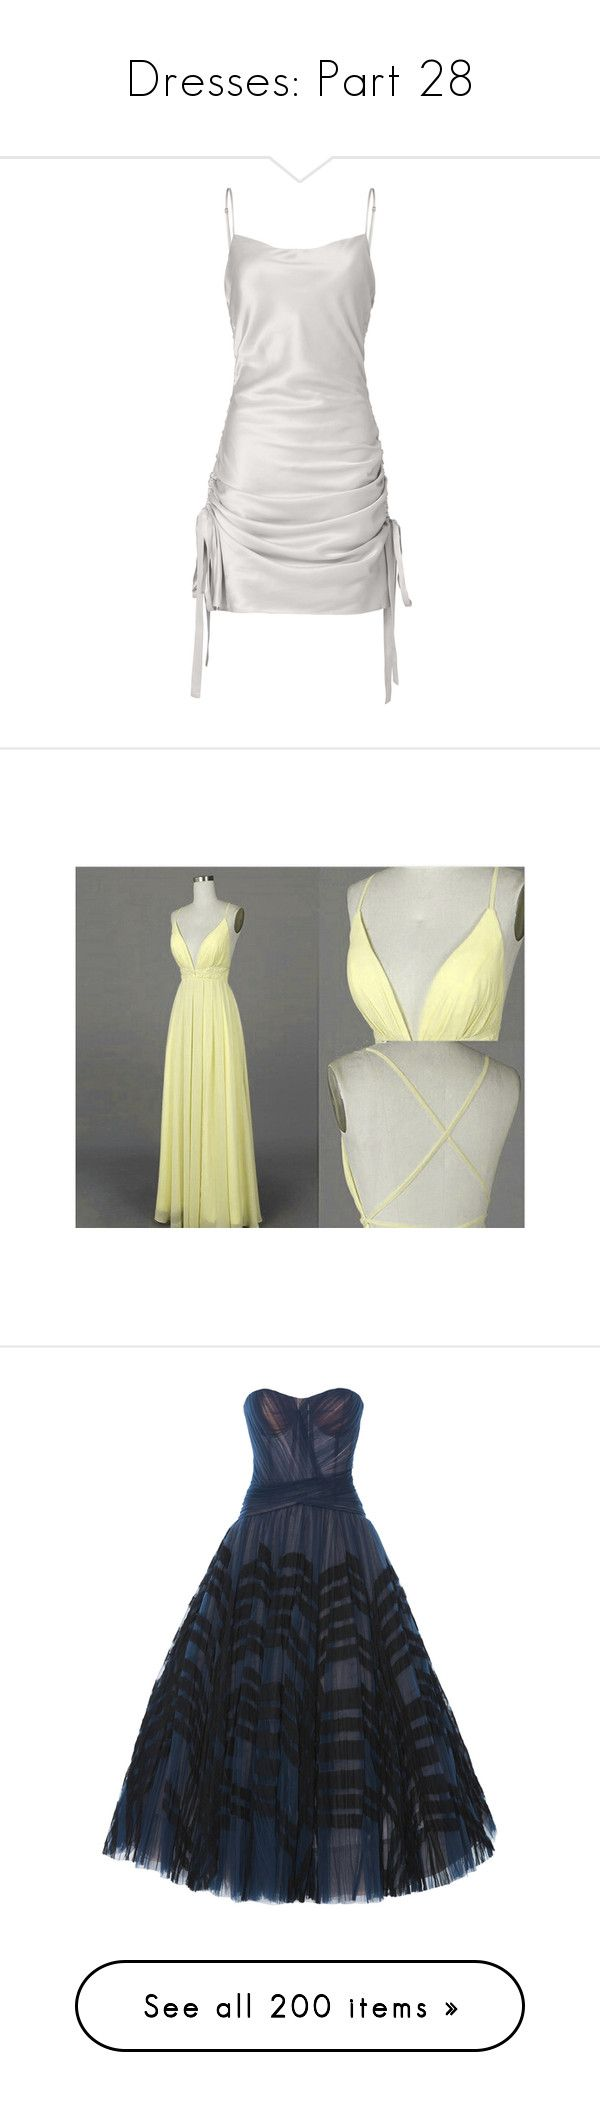 Dresses part